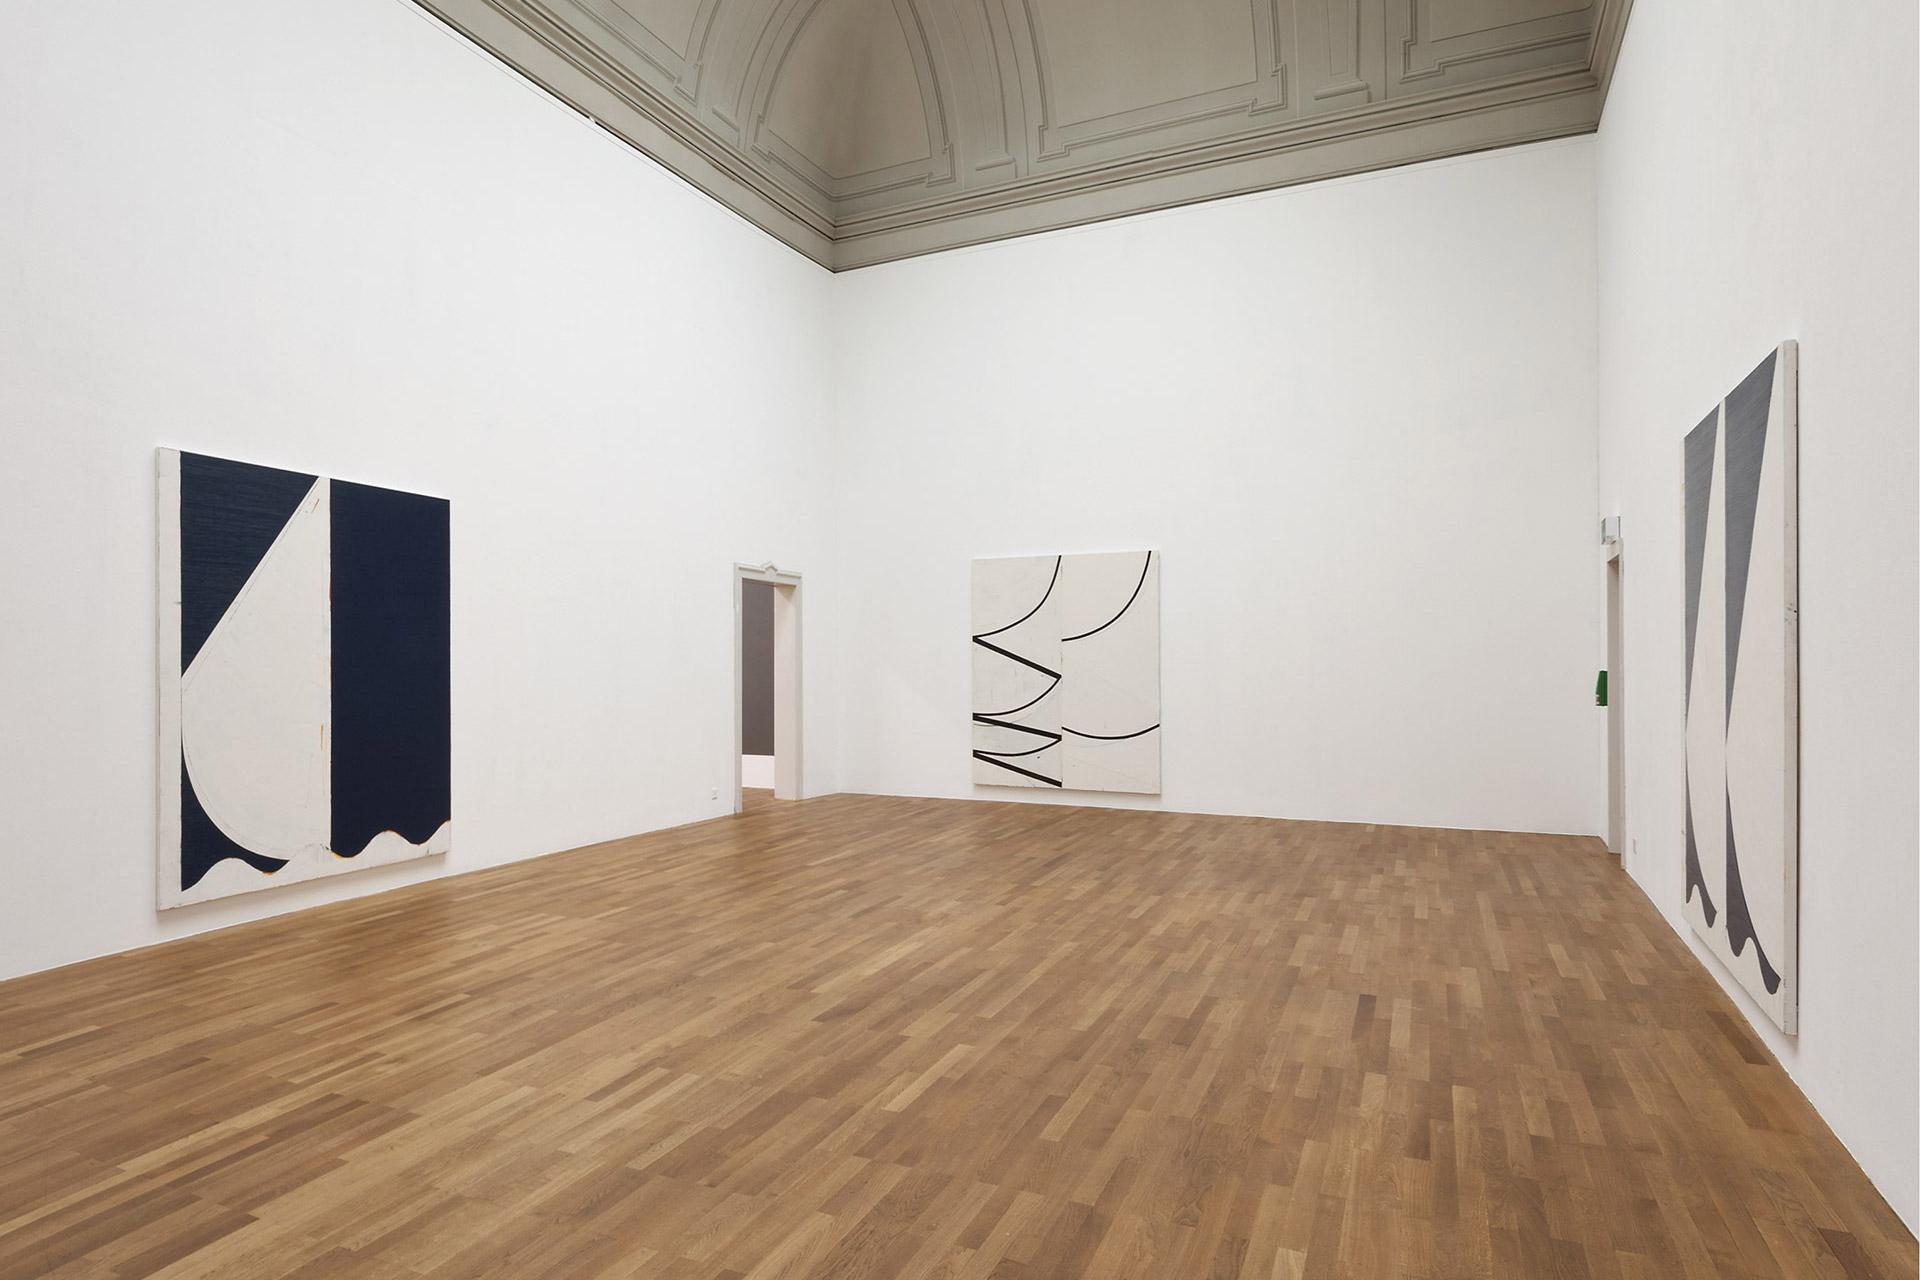 Shaan-Syed-Kunsthalle-Winterthur-2015-2